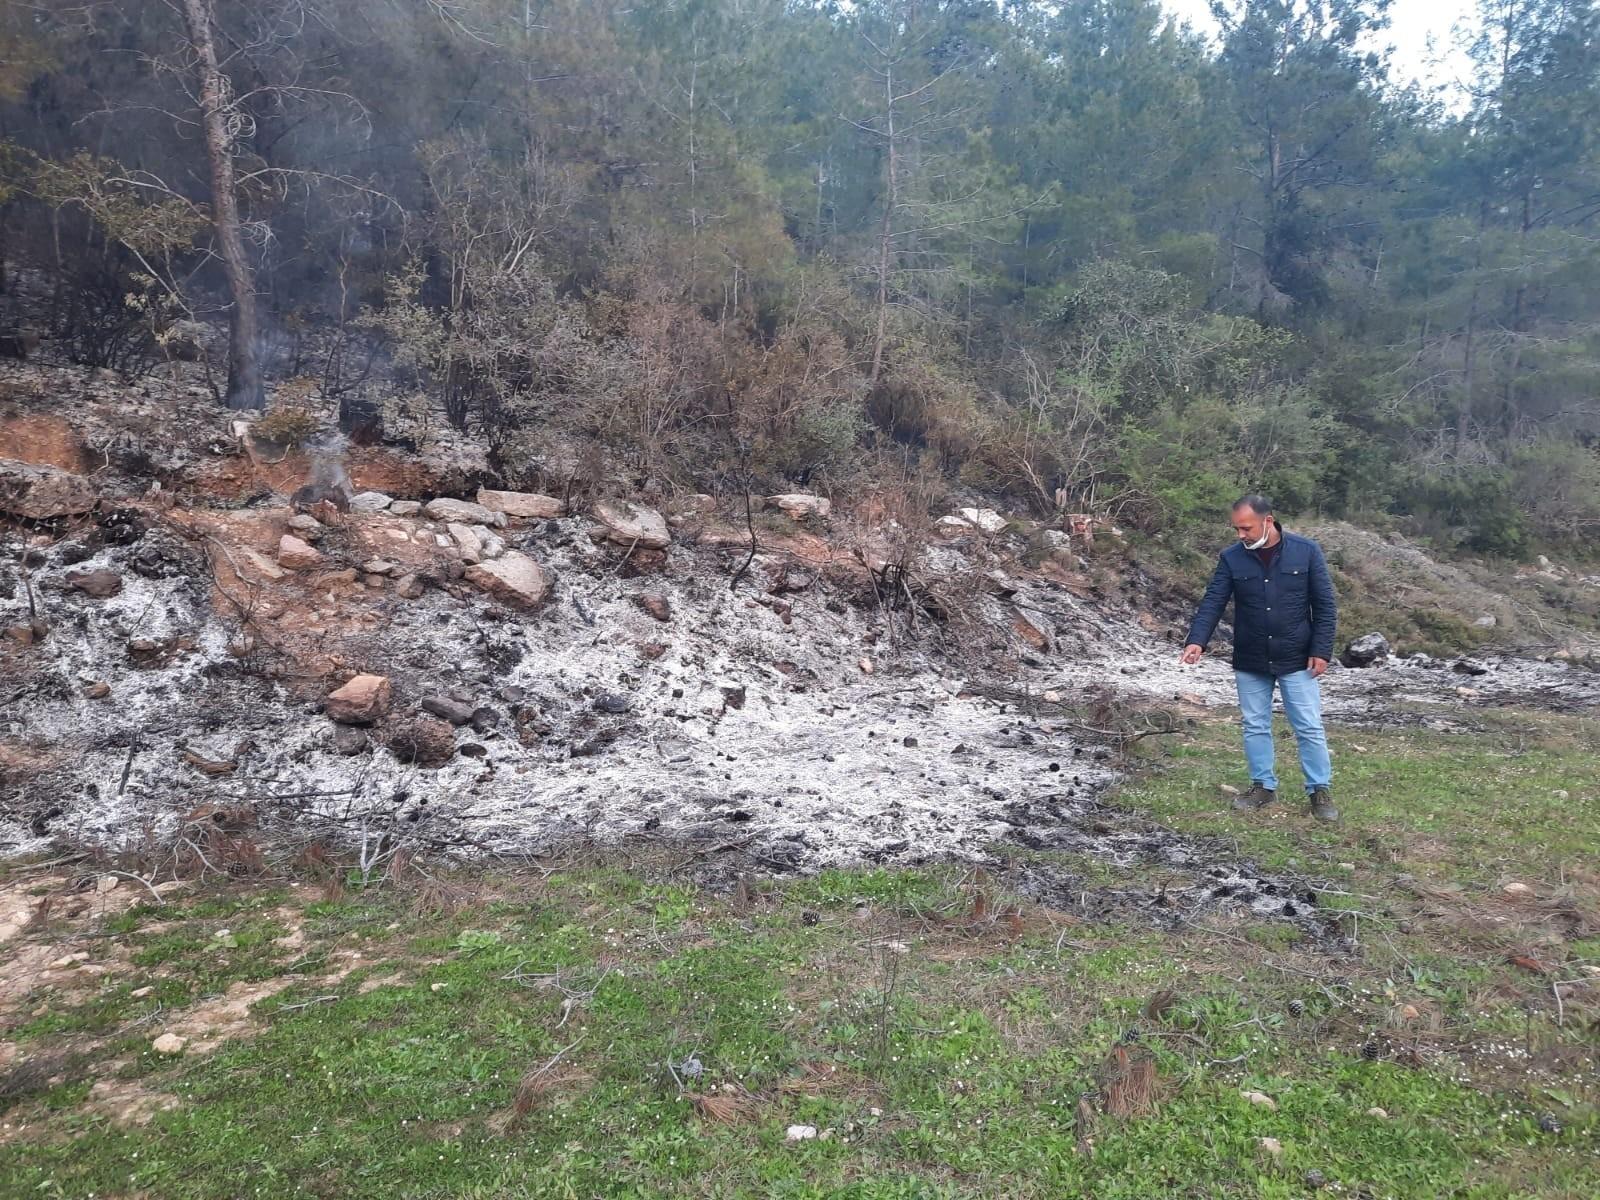 Bahçe temizliği sonrası yakılan ateş hem ormanı hem kaplumbağayı yaktı